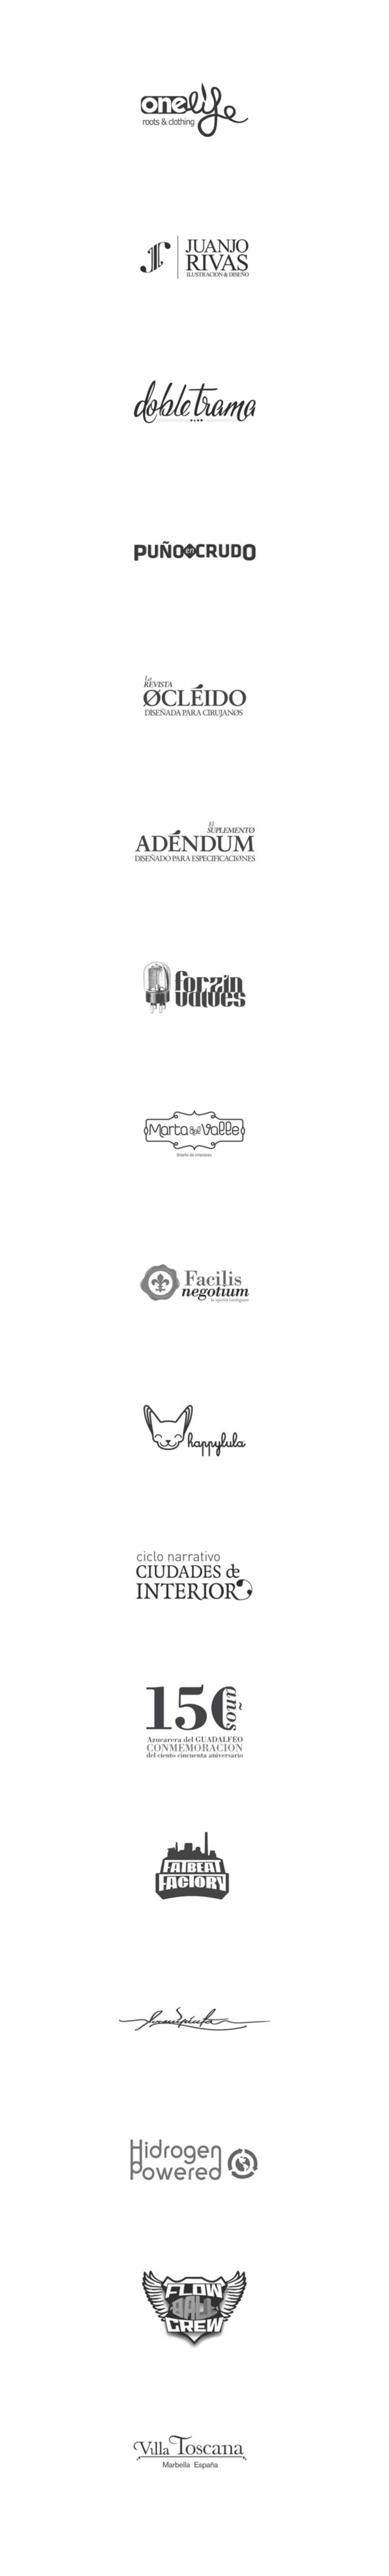 logos selección vol.1 0